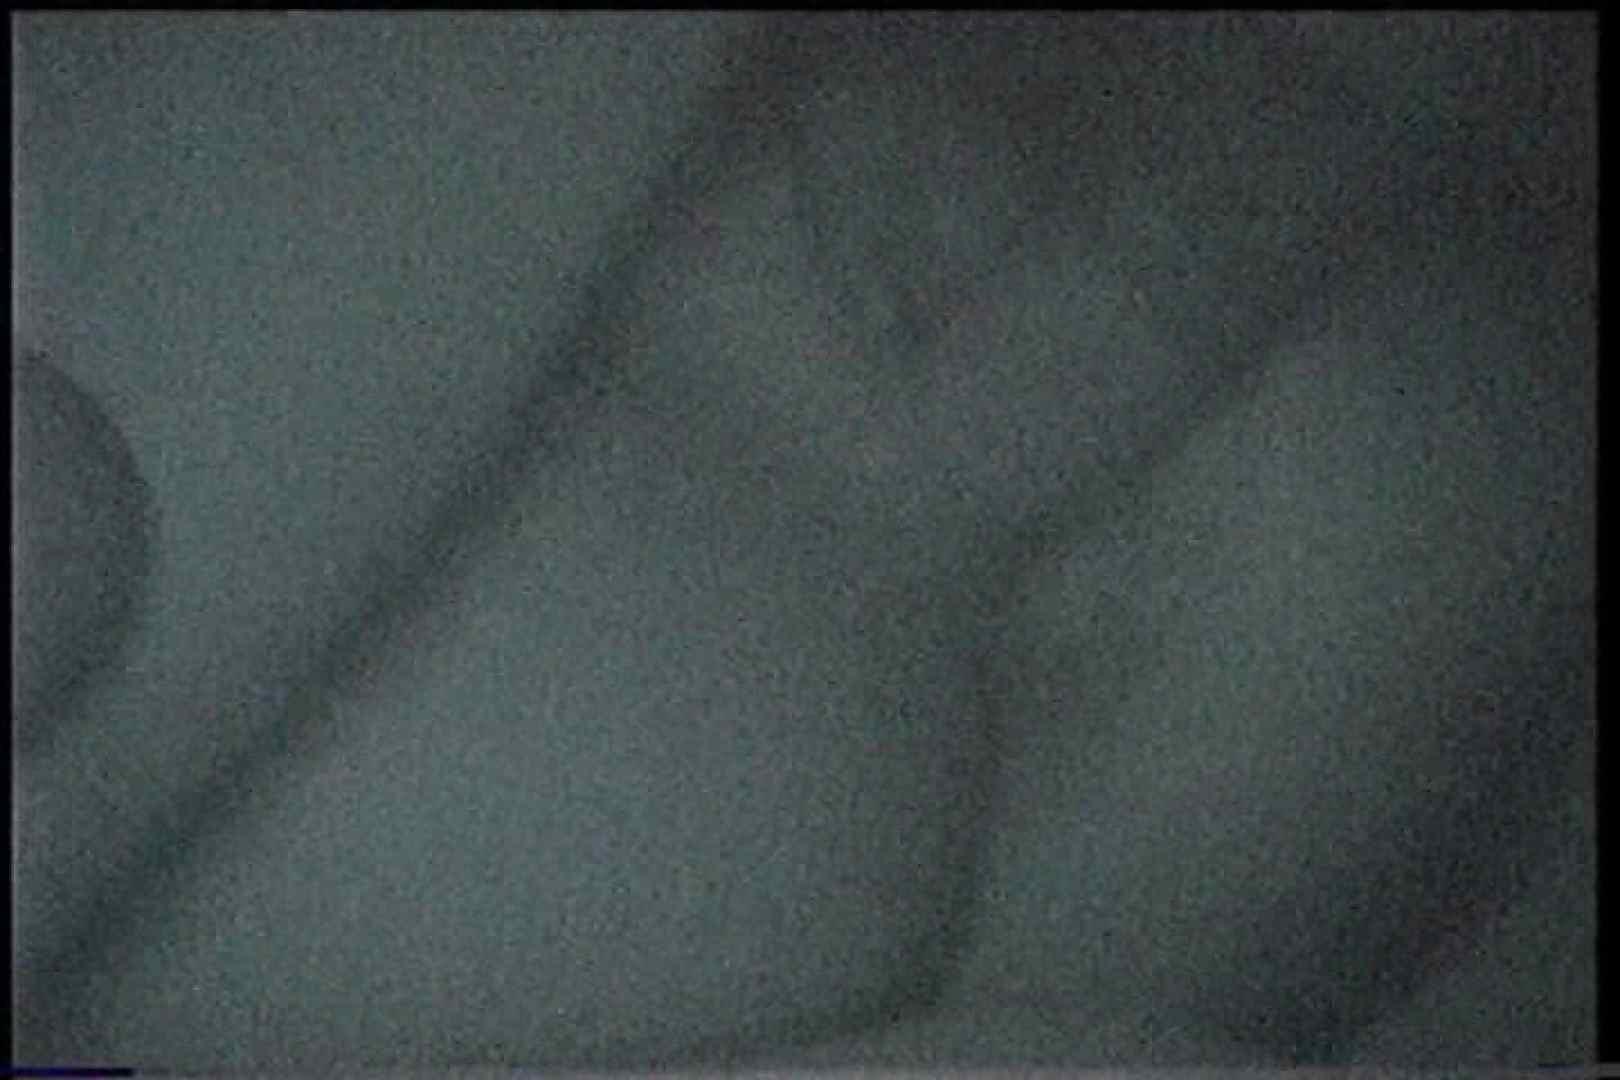 充血監督の深夜の運動会Vol.184 後編 エッチなセックス | エロティックなOL  101画像 51